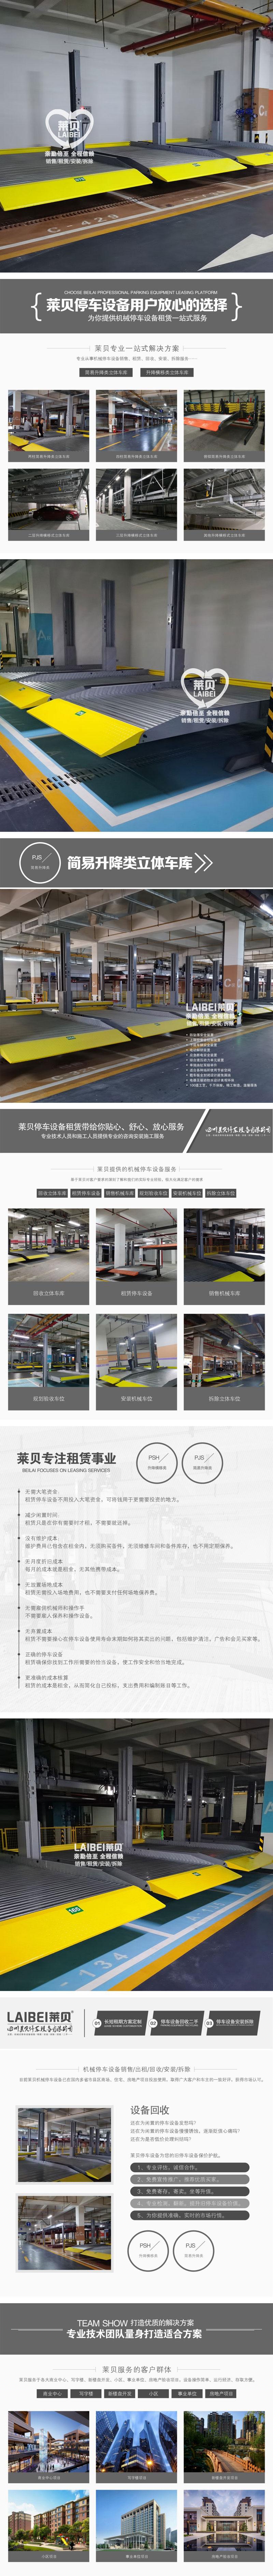 西安高陵區機械車庫租賃,立體車位規劃出租,萊貝立體停車庫回收